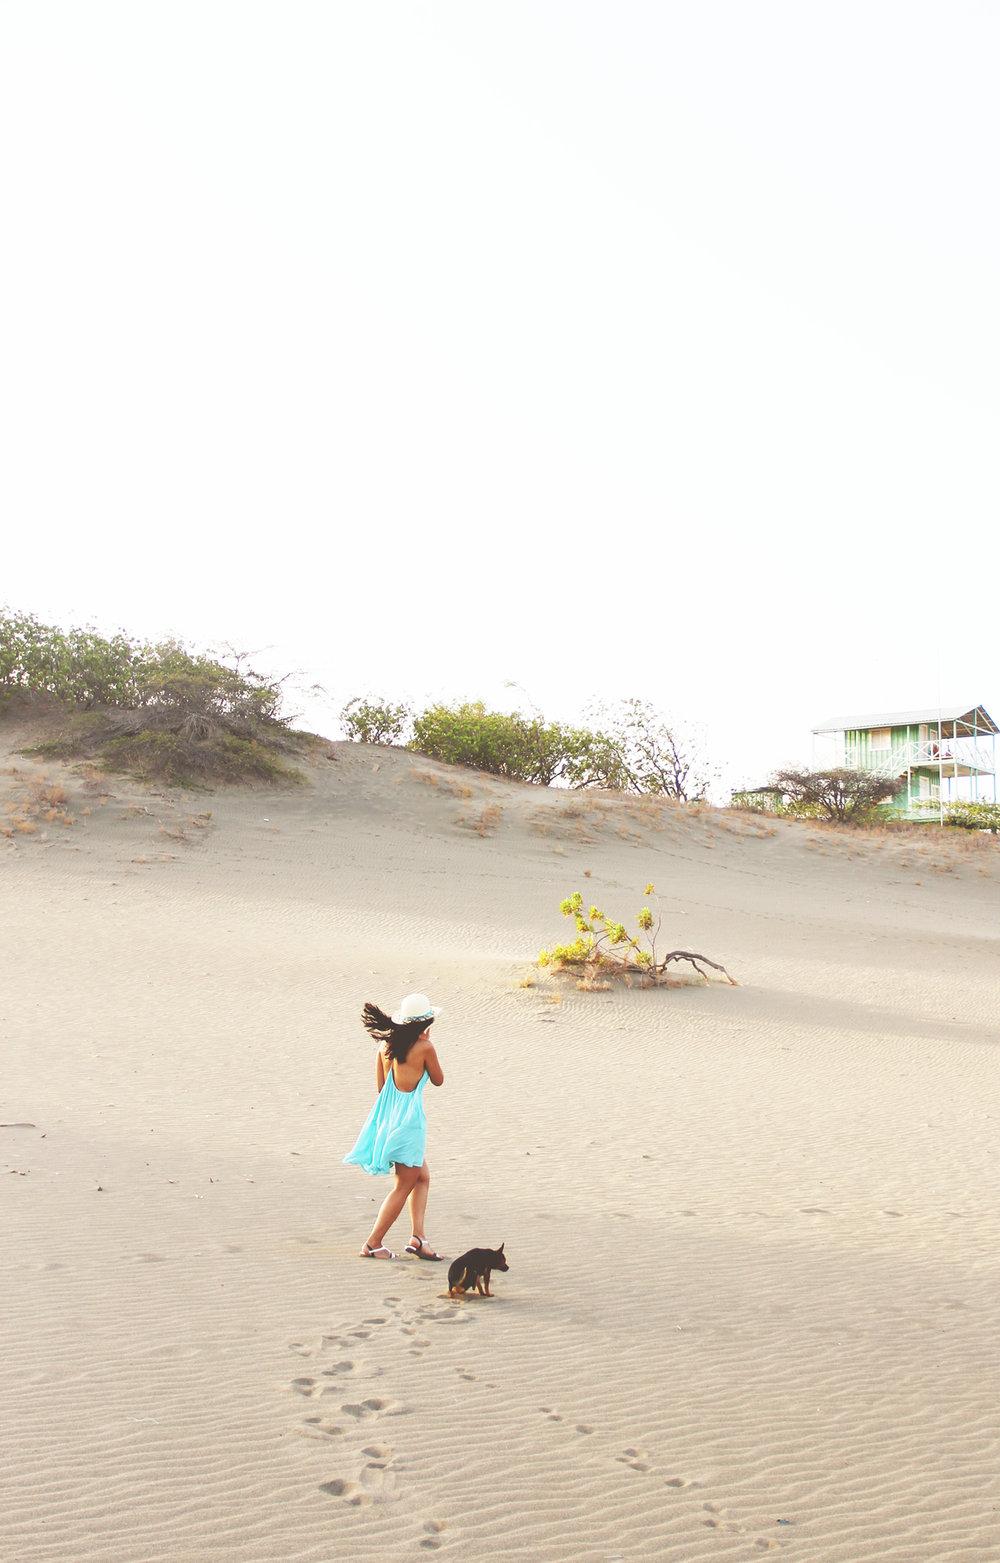 Un Sueño Bohemio En Las Dunas De Baní // ¡Las Dunas de Baní son las dunas de arena más grandes del Caribe! Un lugar increíble para una sesión de fotos bohemia ....